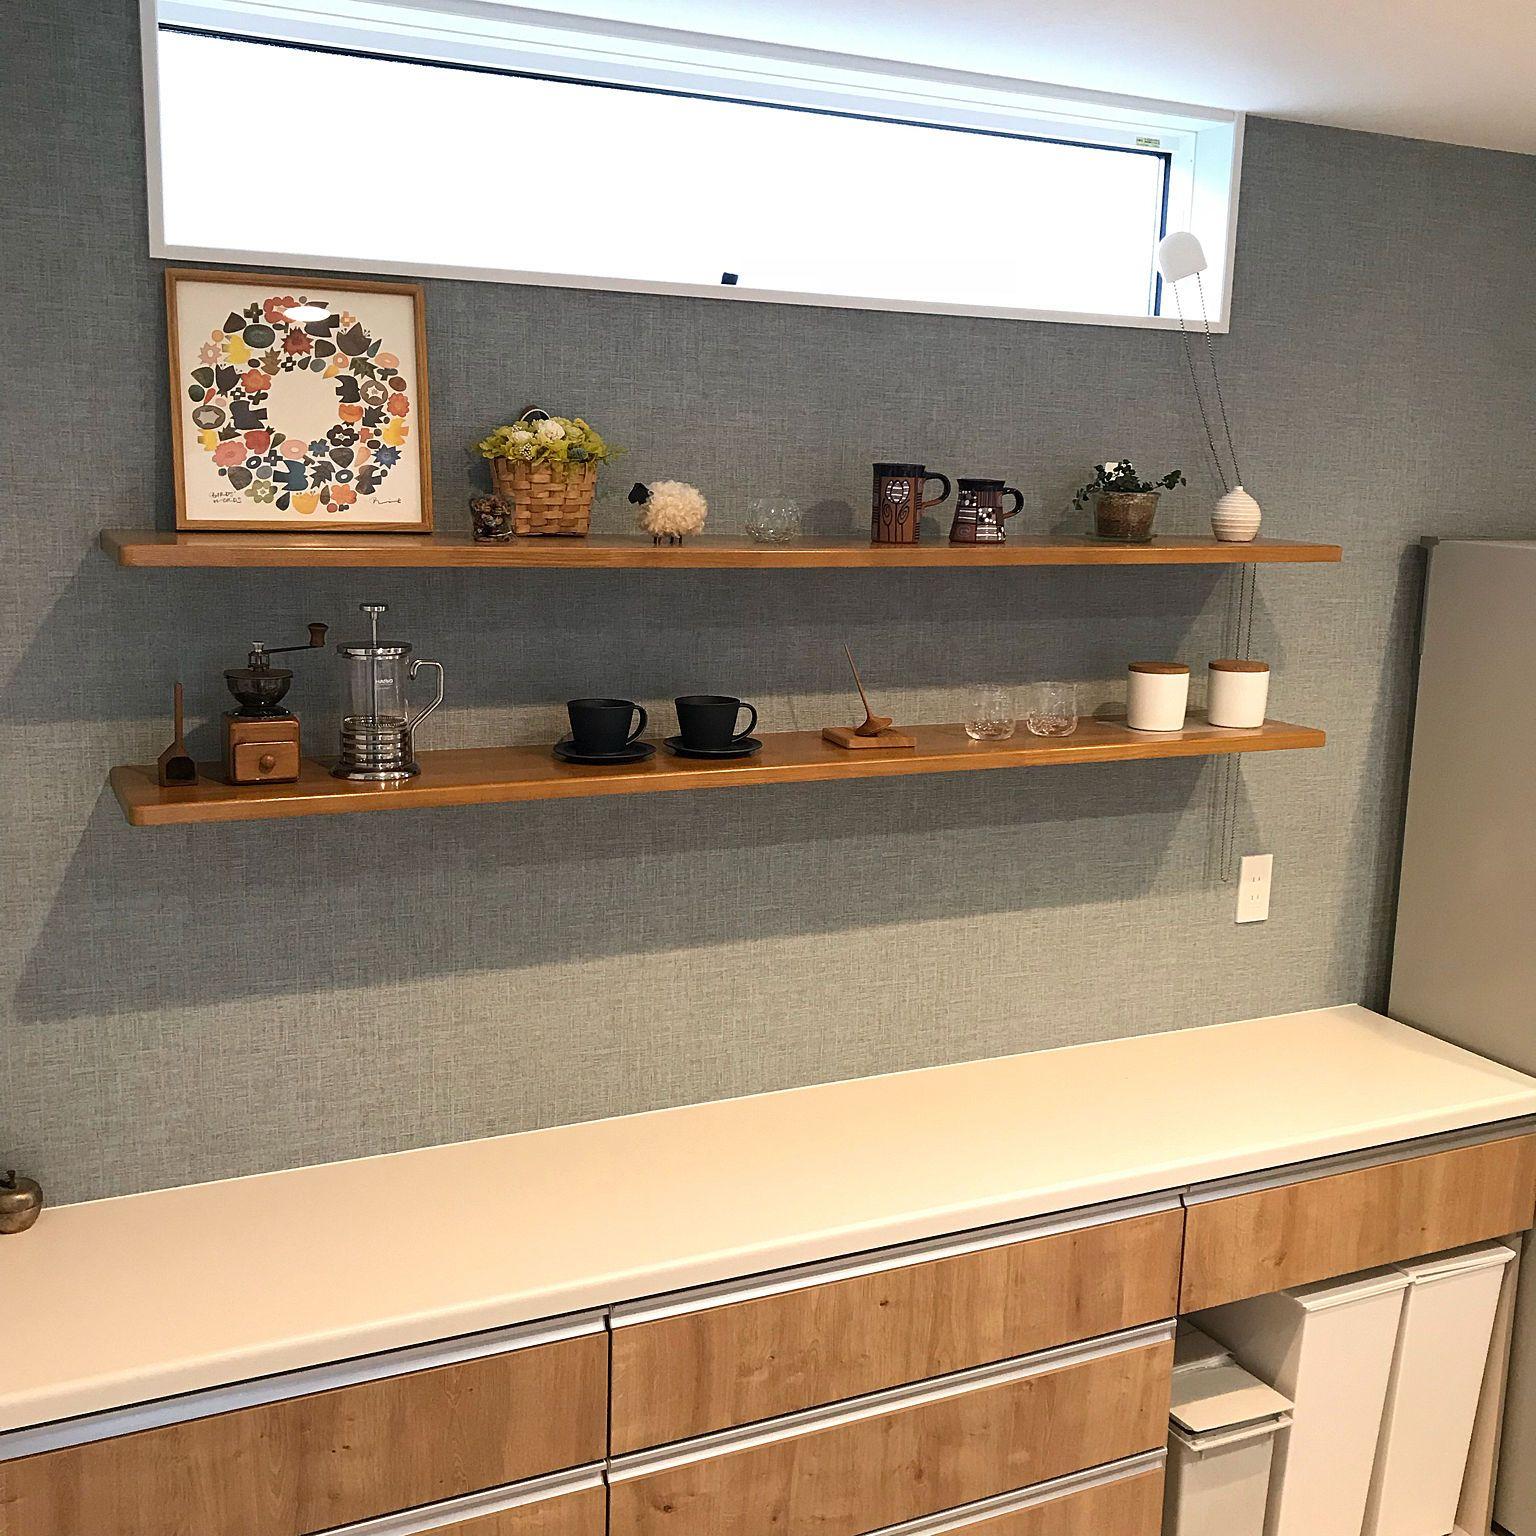 キッチン クードゴミ箱 カップボード Lixil ライトグレイン などのインテリア実例 2018 09 21 14 16 31 Roomclip ルームクリップ リビング キッチン キッチンインテリアデザイン キッチン 棚 おしゃれ